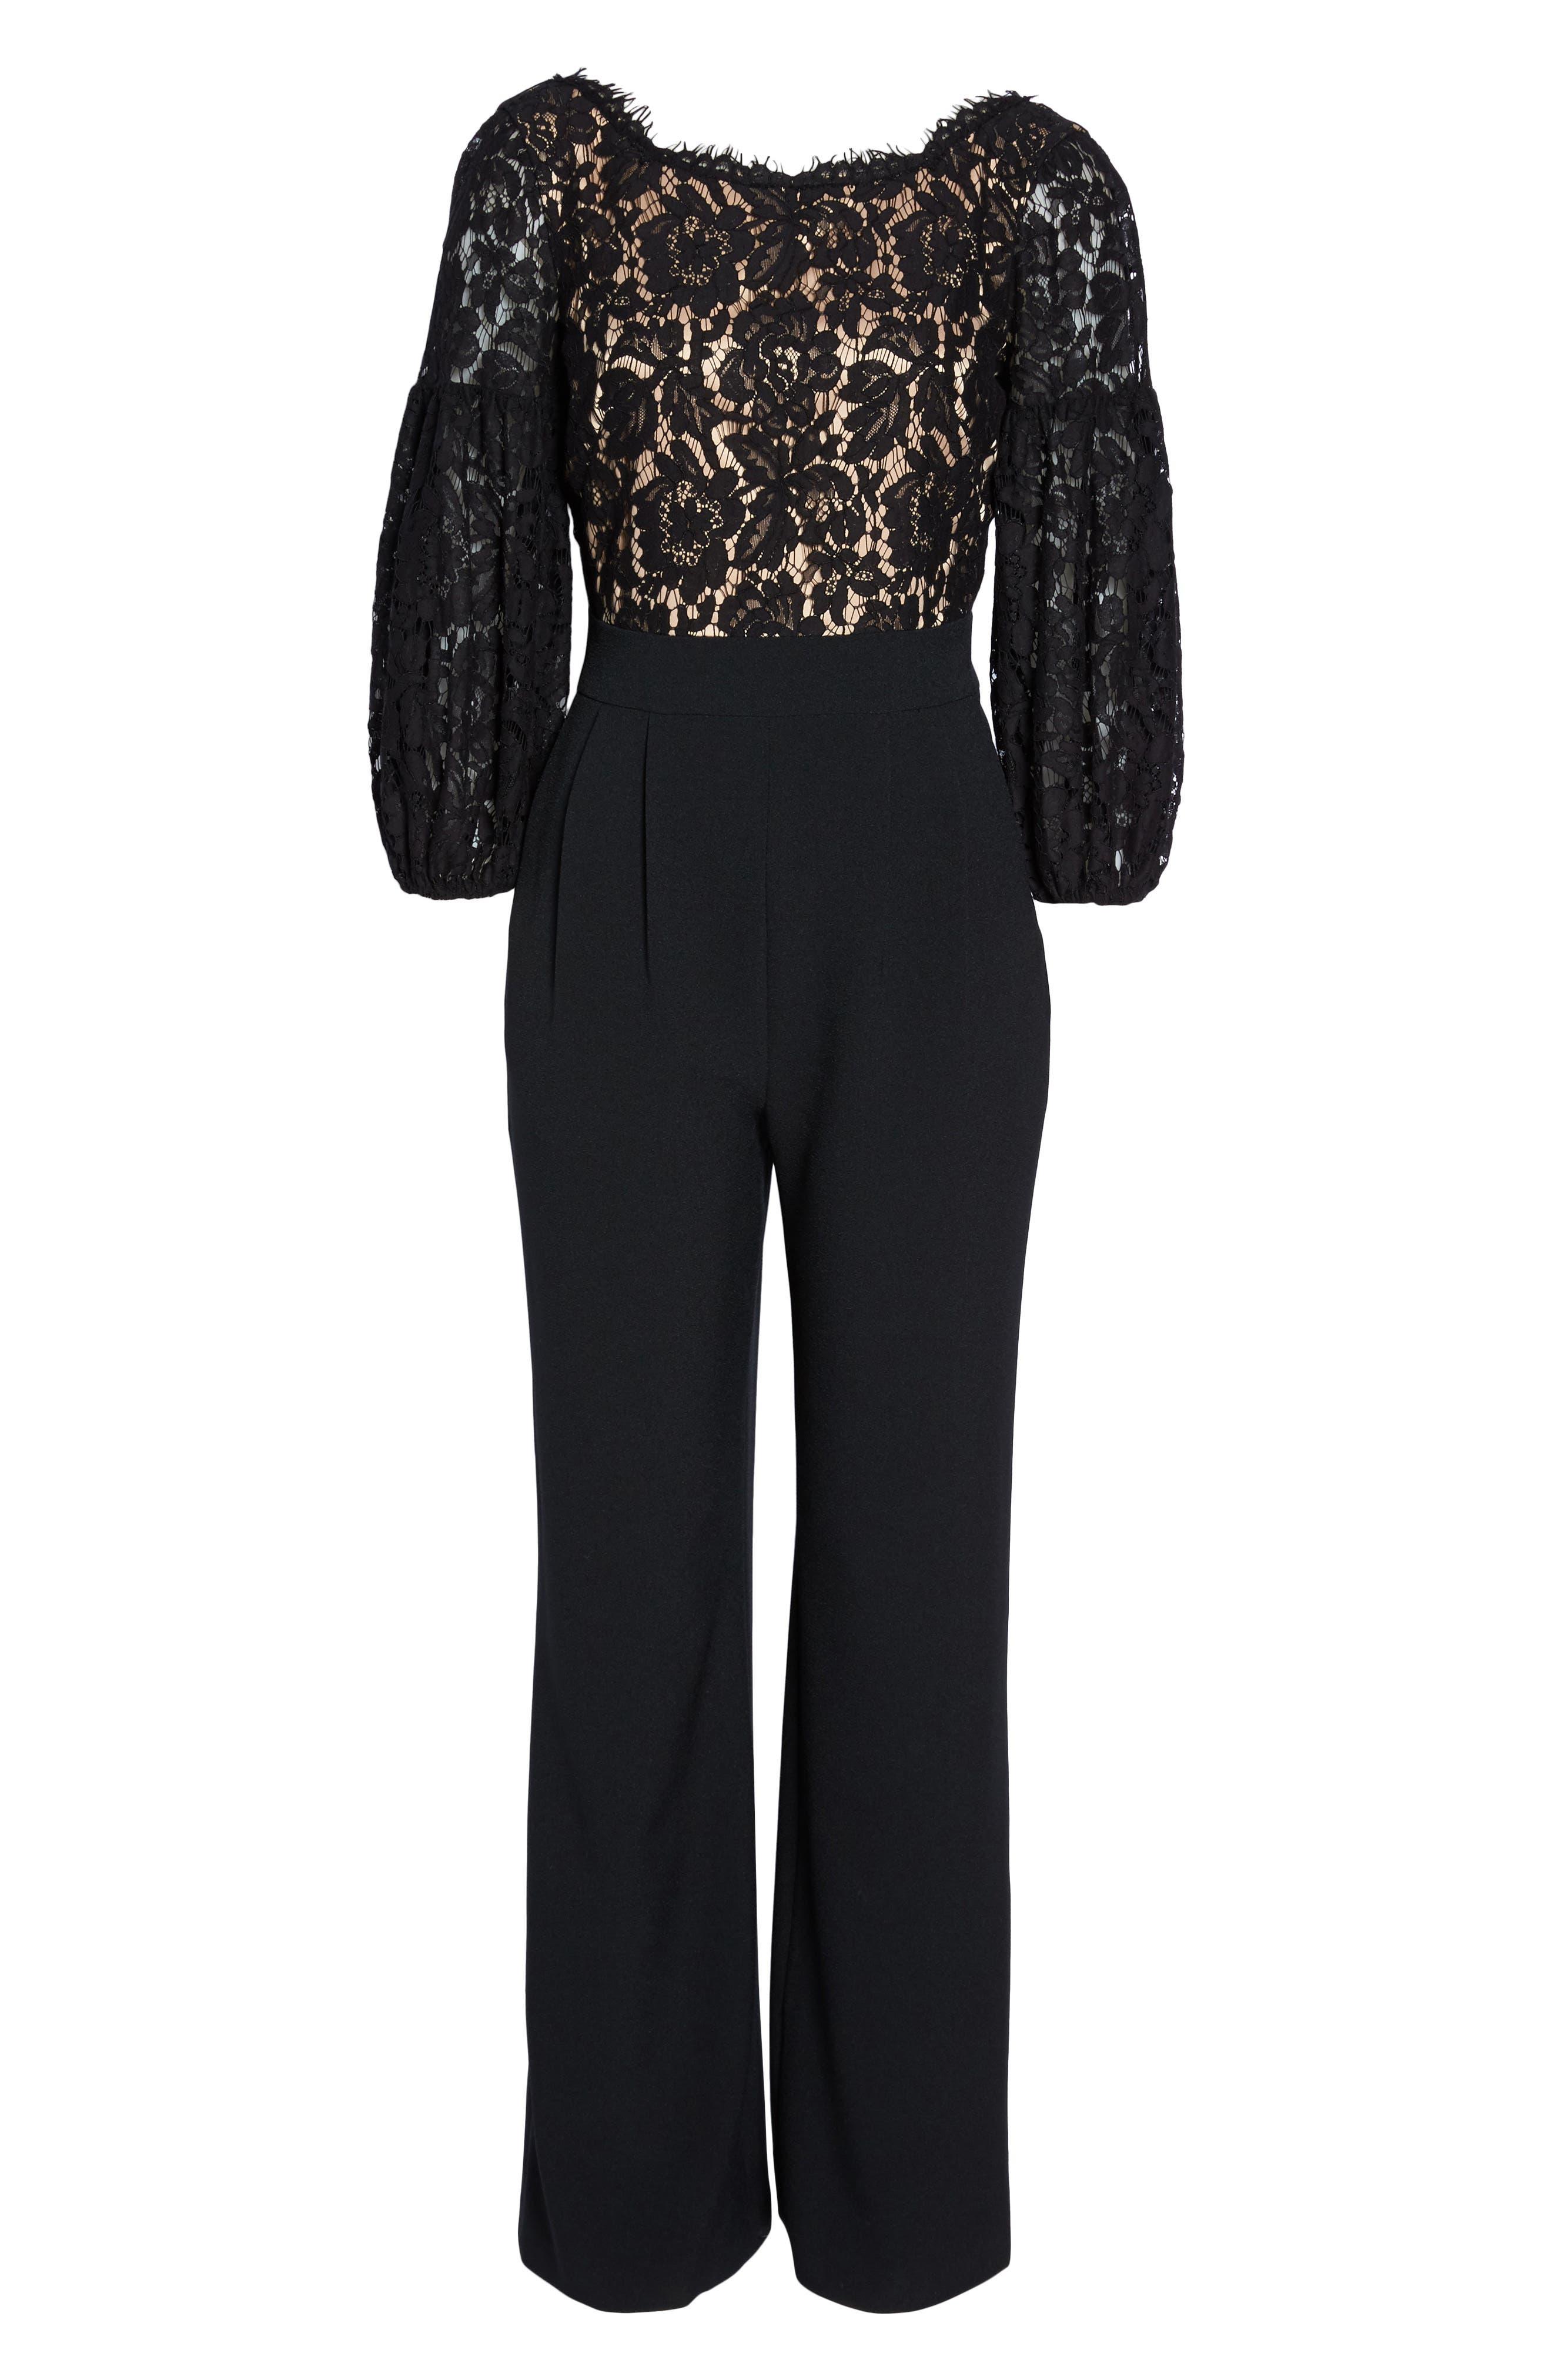 Lace & Crepe Jumpsuit,                             Alternate thumbnail 6, color,                             Black